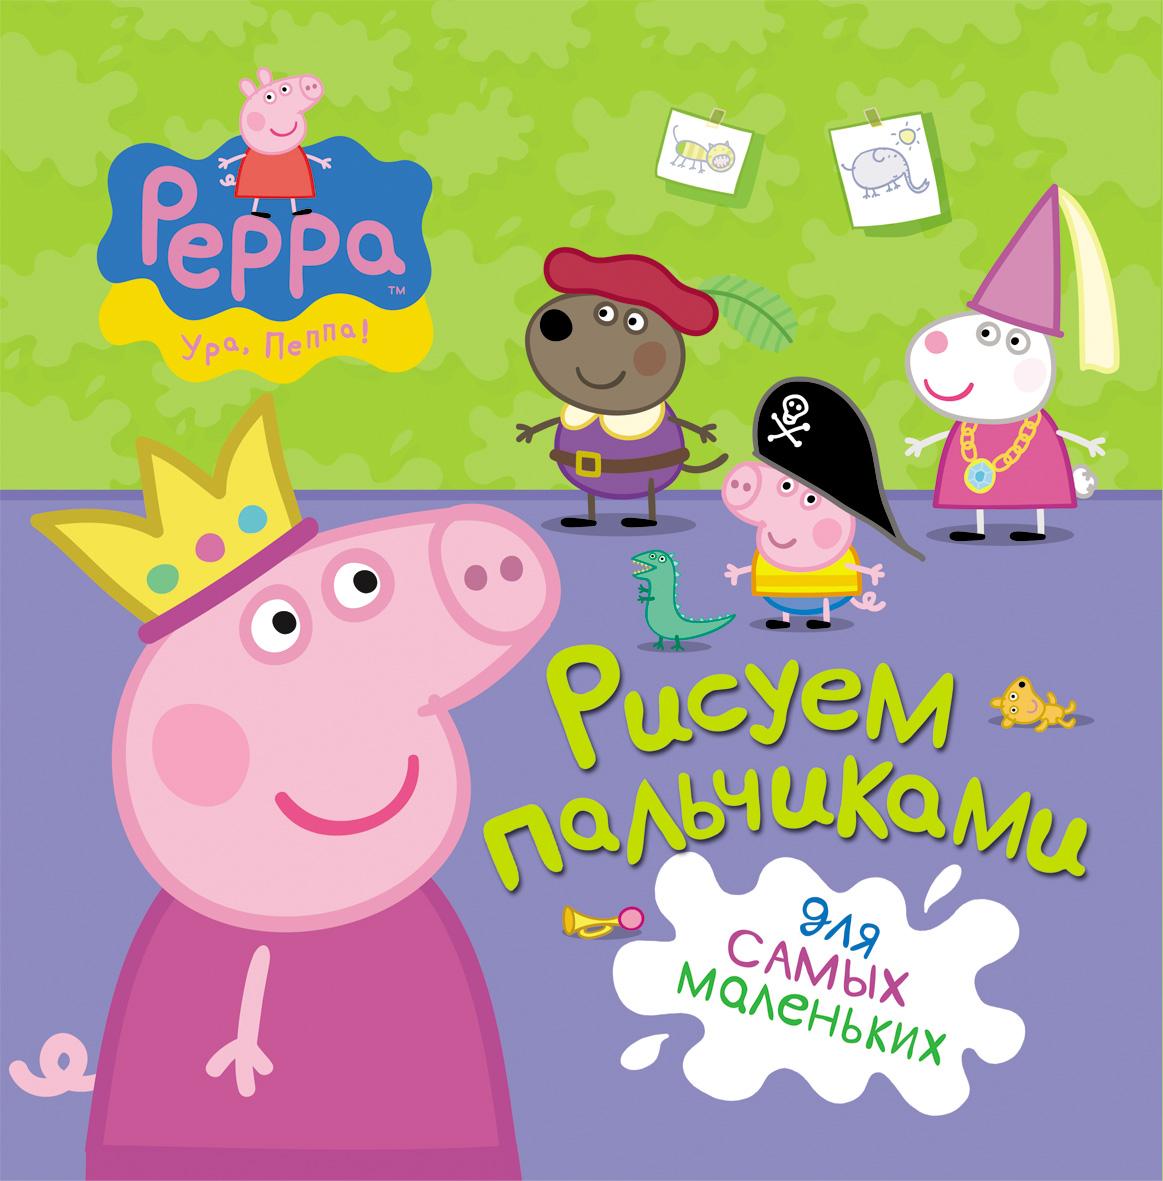 Бесплатные игры Свинка Пеппа - free-gamescomua